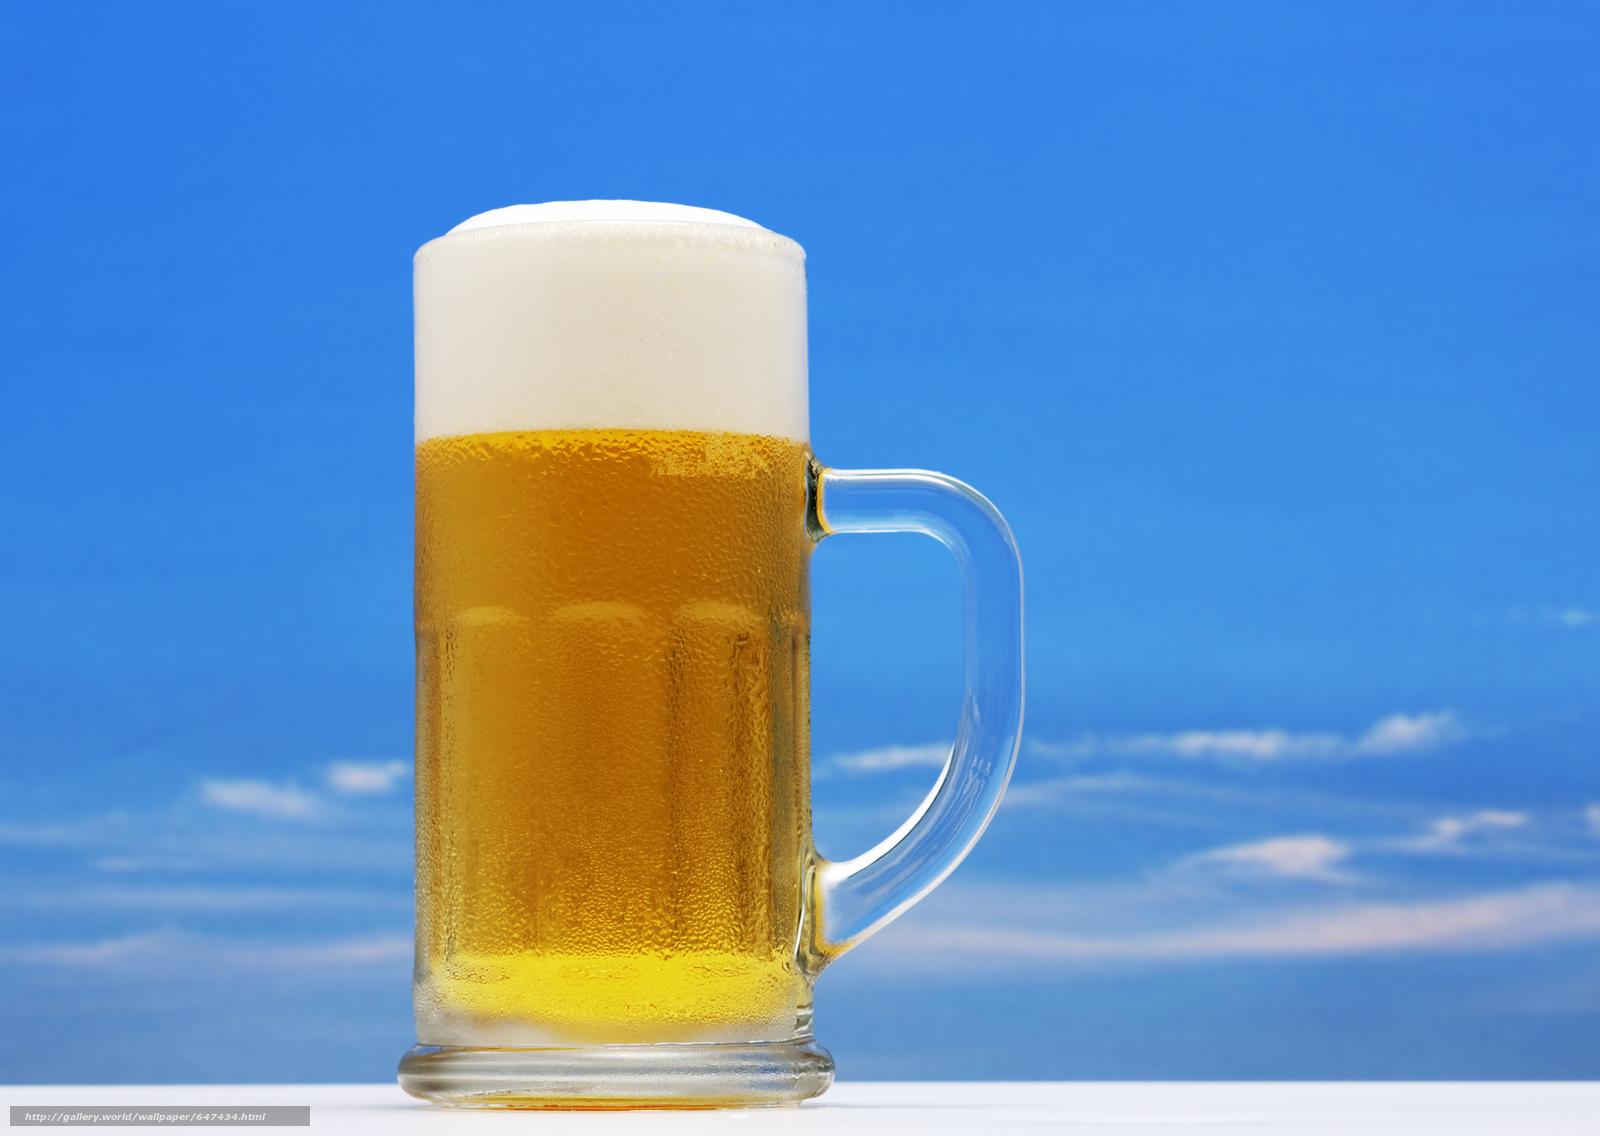 Скачать обои пиво пенное,  опупенное,  пиво,  пивасик бесплатно для рабочего стола в разрешении 2950x2094 — картинка №647434